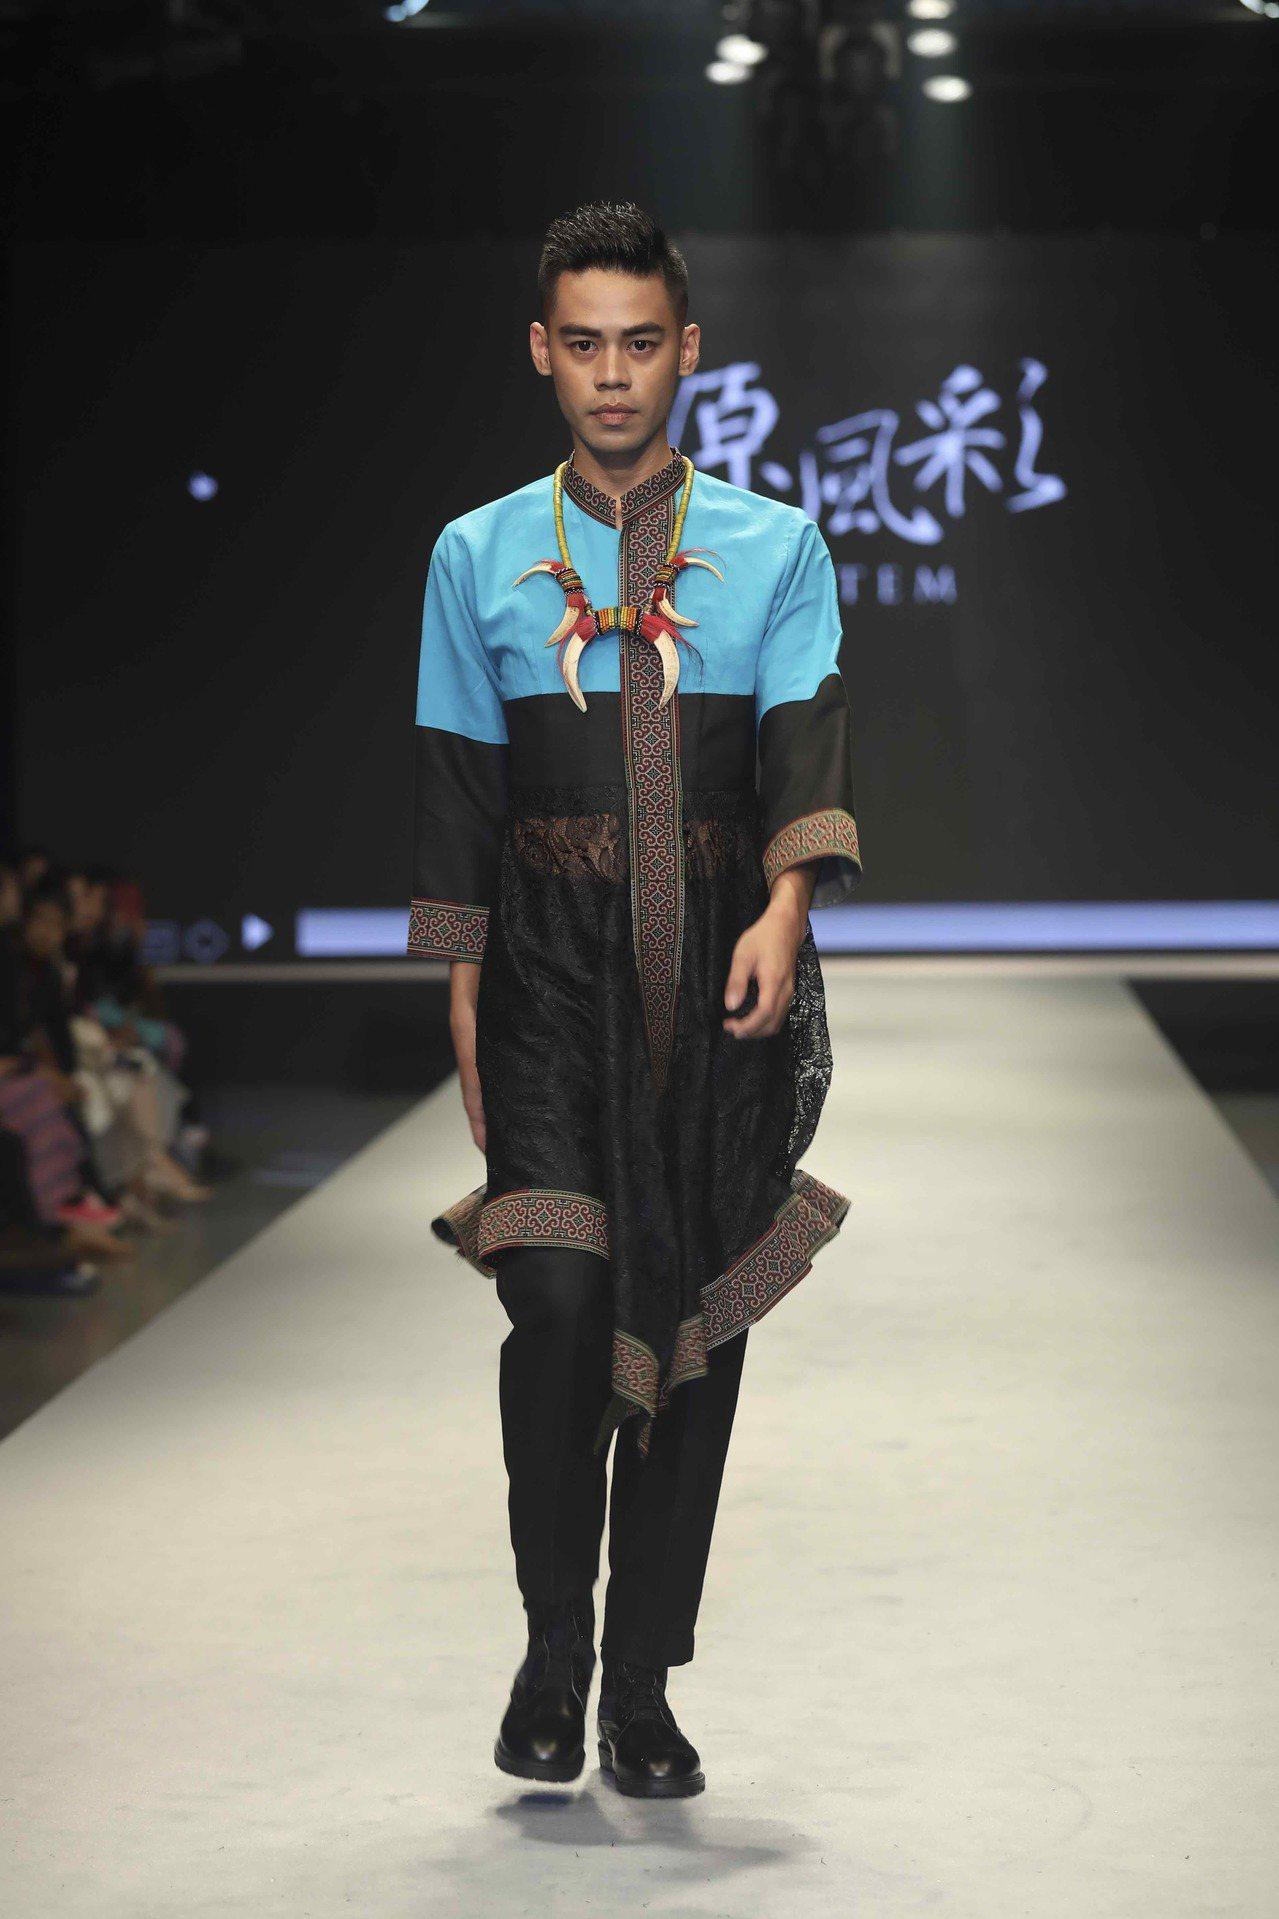 新銳設計師改造原民服飾 走秀展現時尚潮流